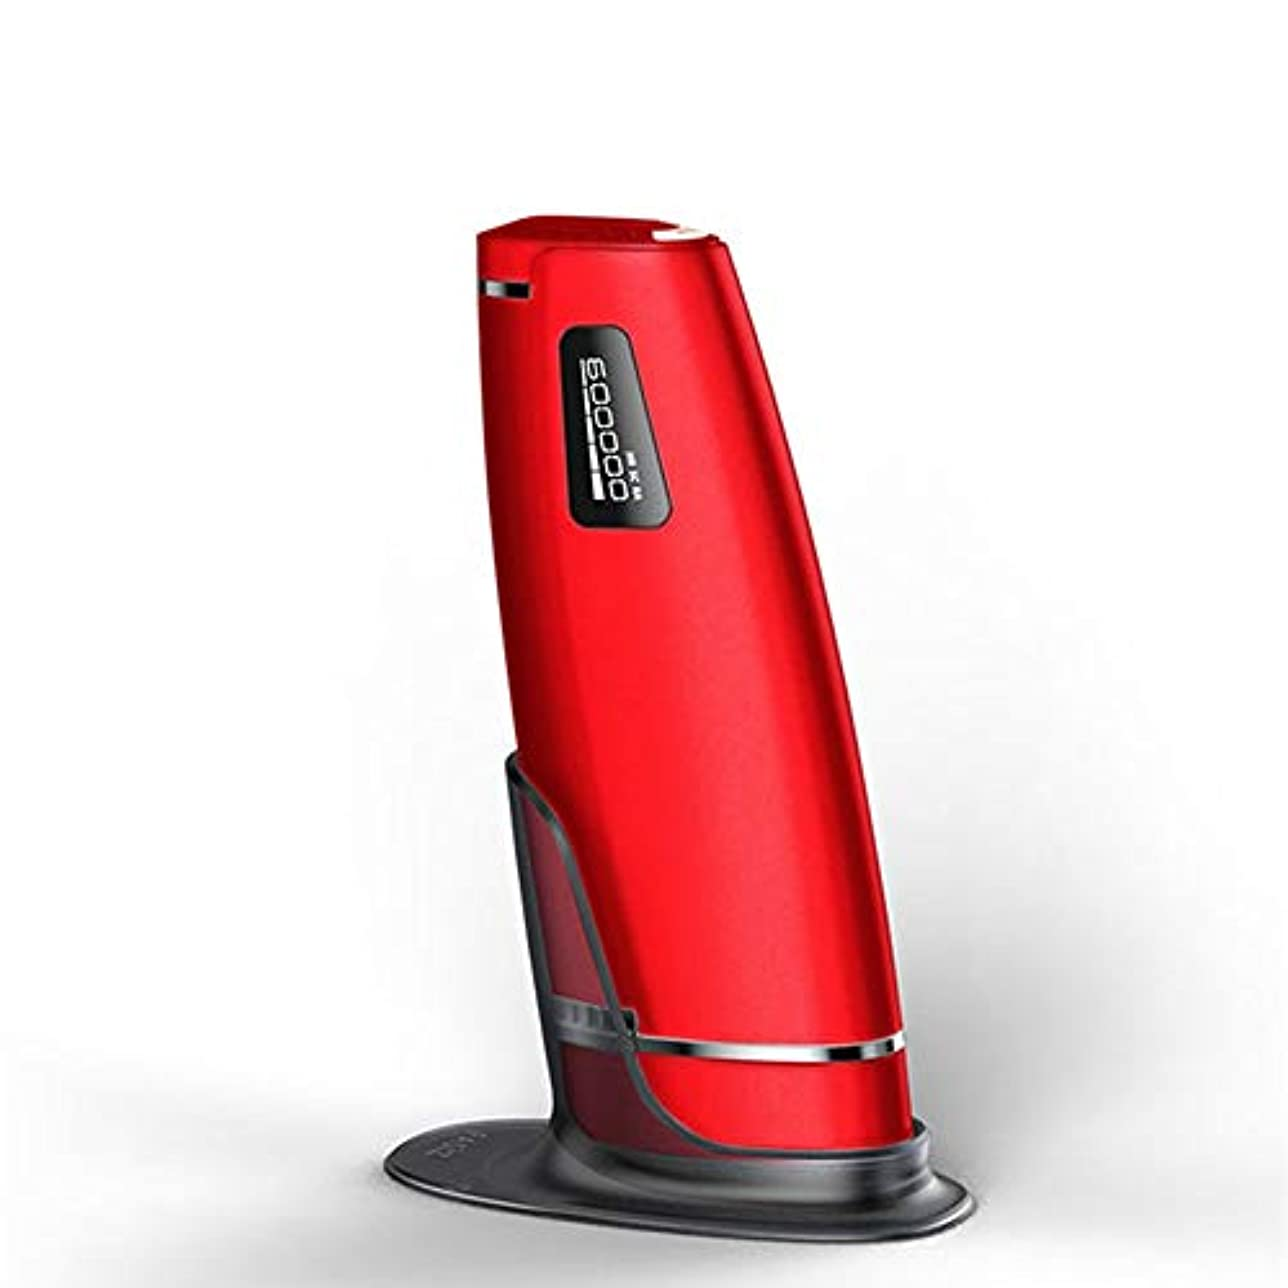 惑星他に関係するダパイ 赤、デュアルモード、ホームオートマチック無痛脱毛剤、携帯用永久脱毛剤、5スピード調整、サイズ20.5 X 4.5 X 7 Cm U546 (Color : Red)